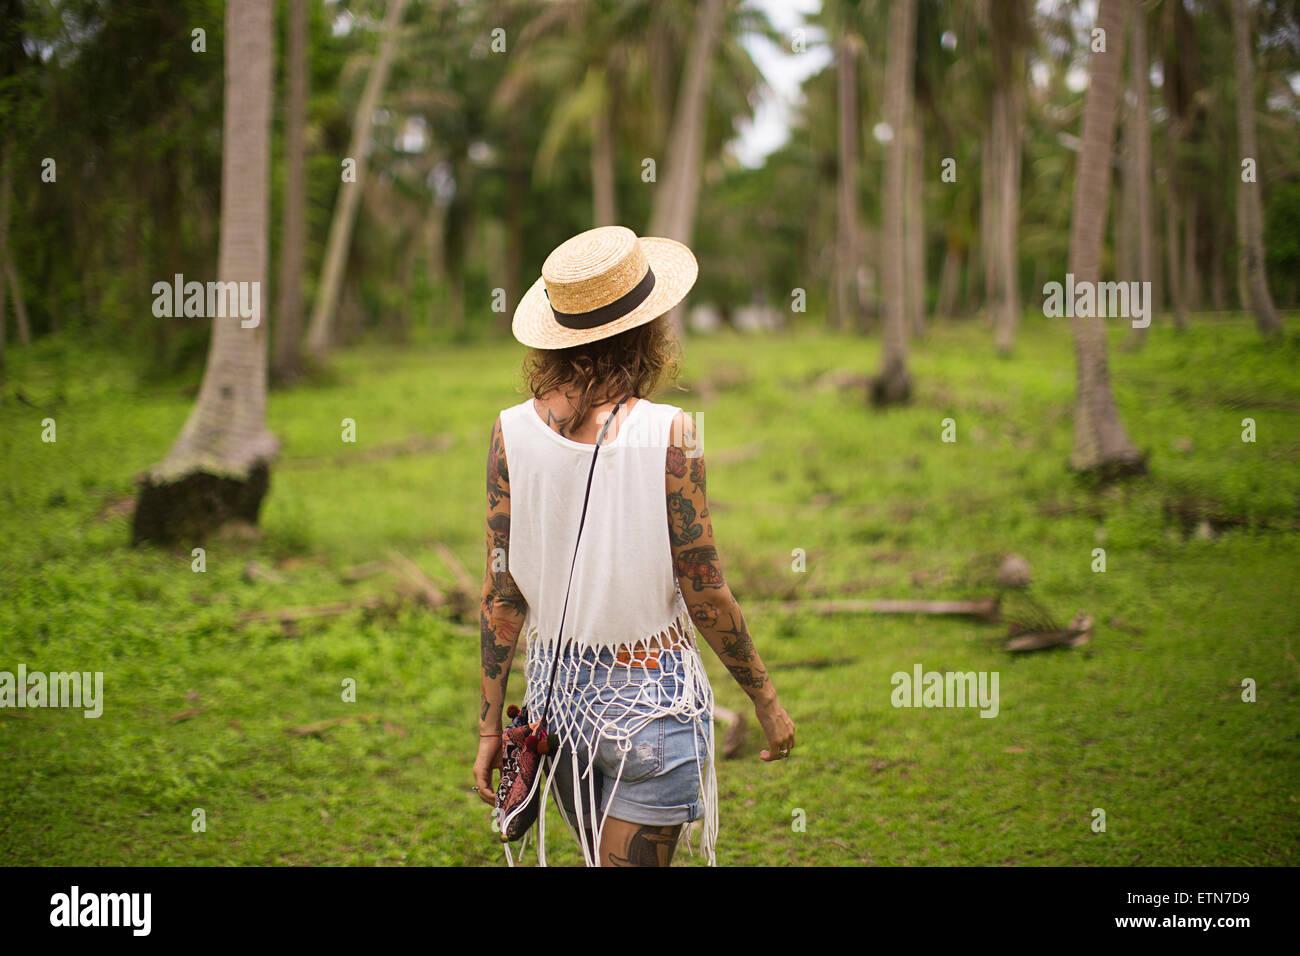 Vue arrière d'une femme marchant dans un jardin tropical, la Thaïlande Photo Stock